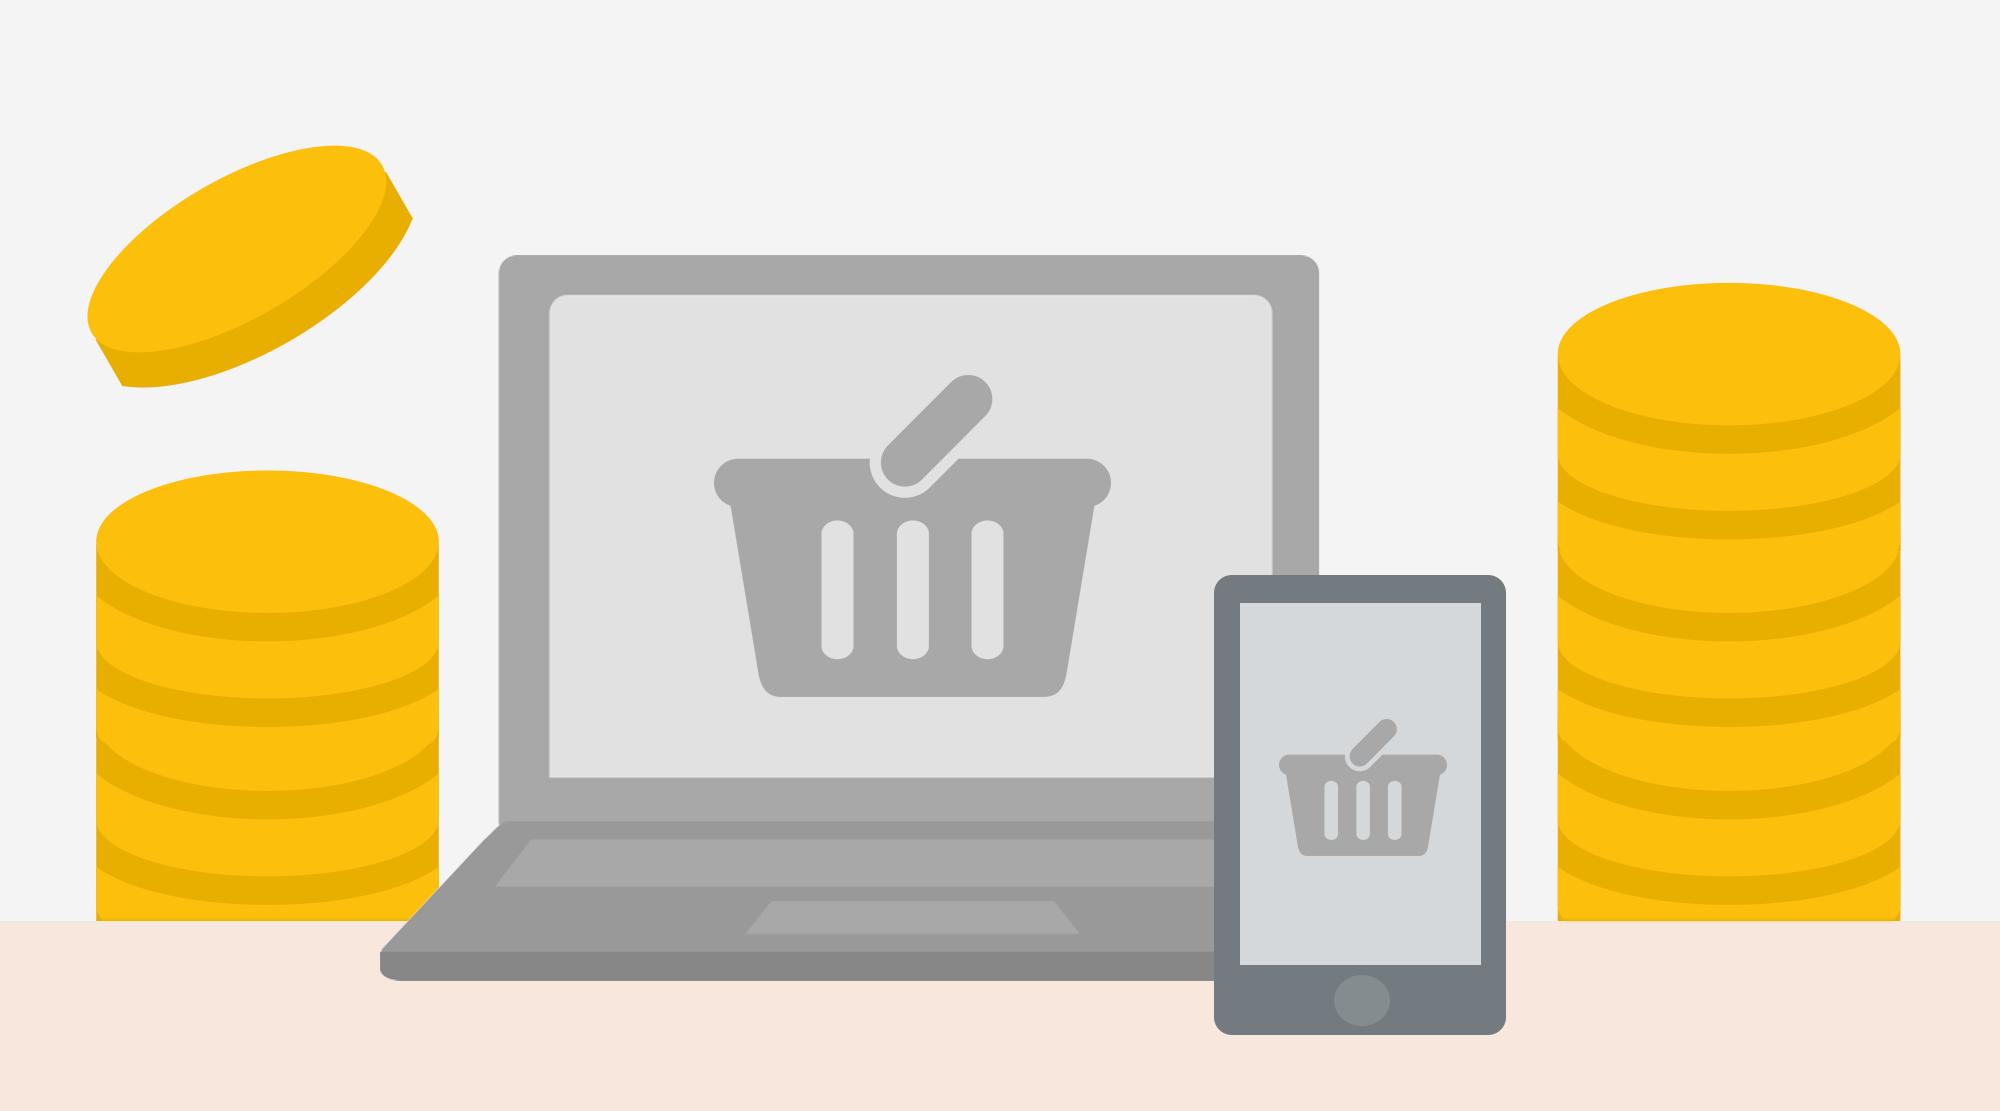 ネットショッピングでポイントが貯まるイメージのイラスト